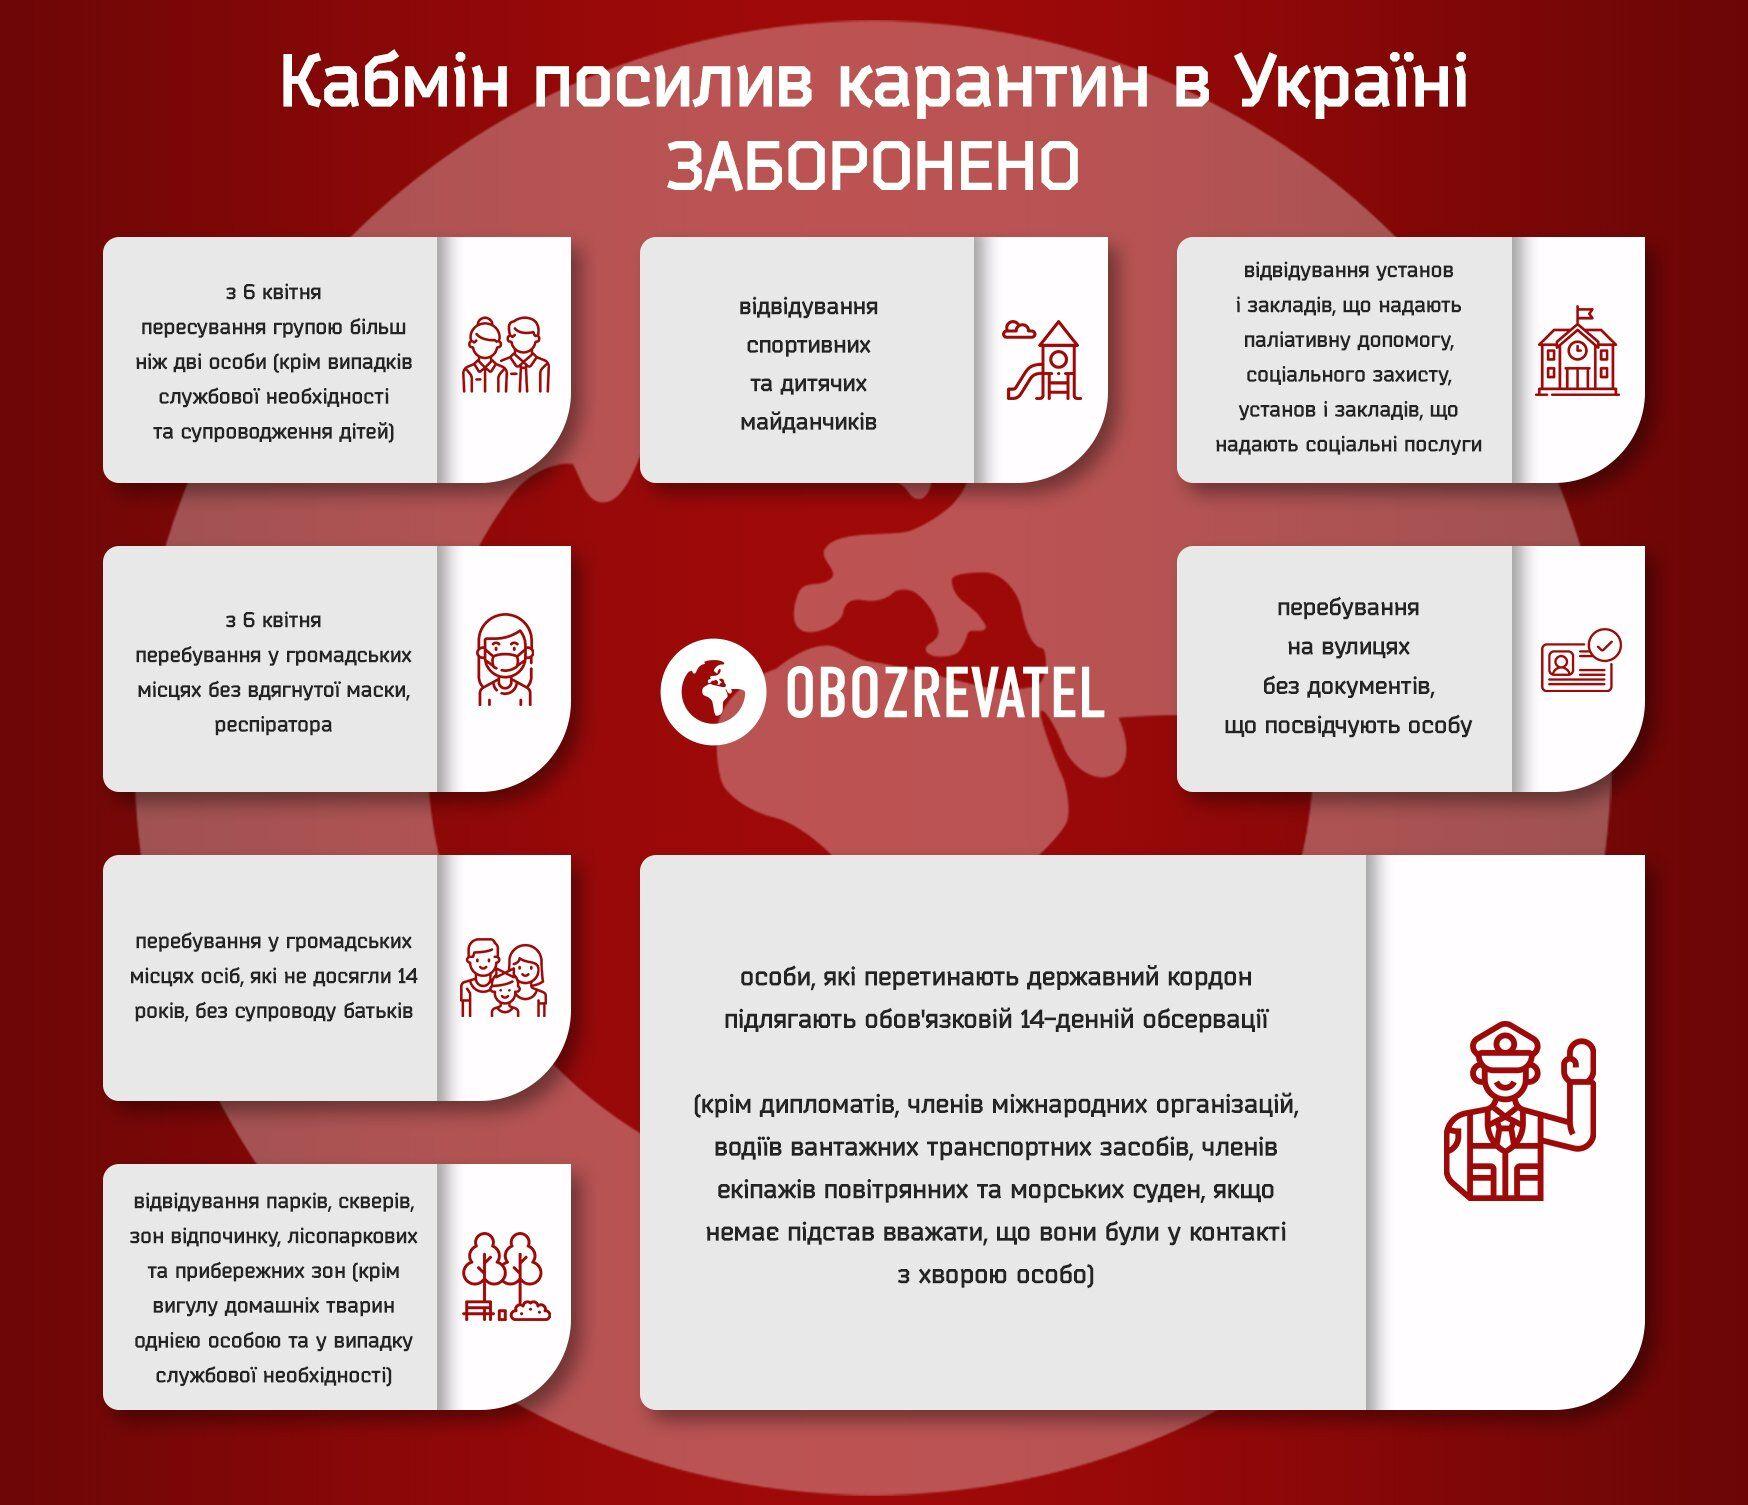 В Украине начался жесткий этап карантина: что запрещено с 6 апреля